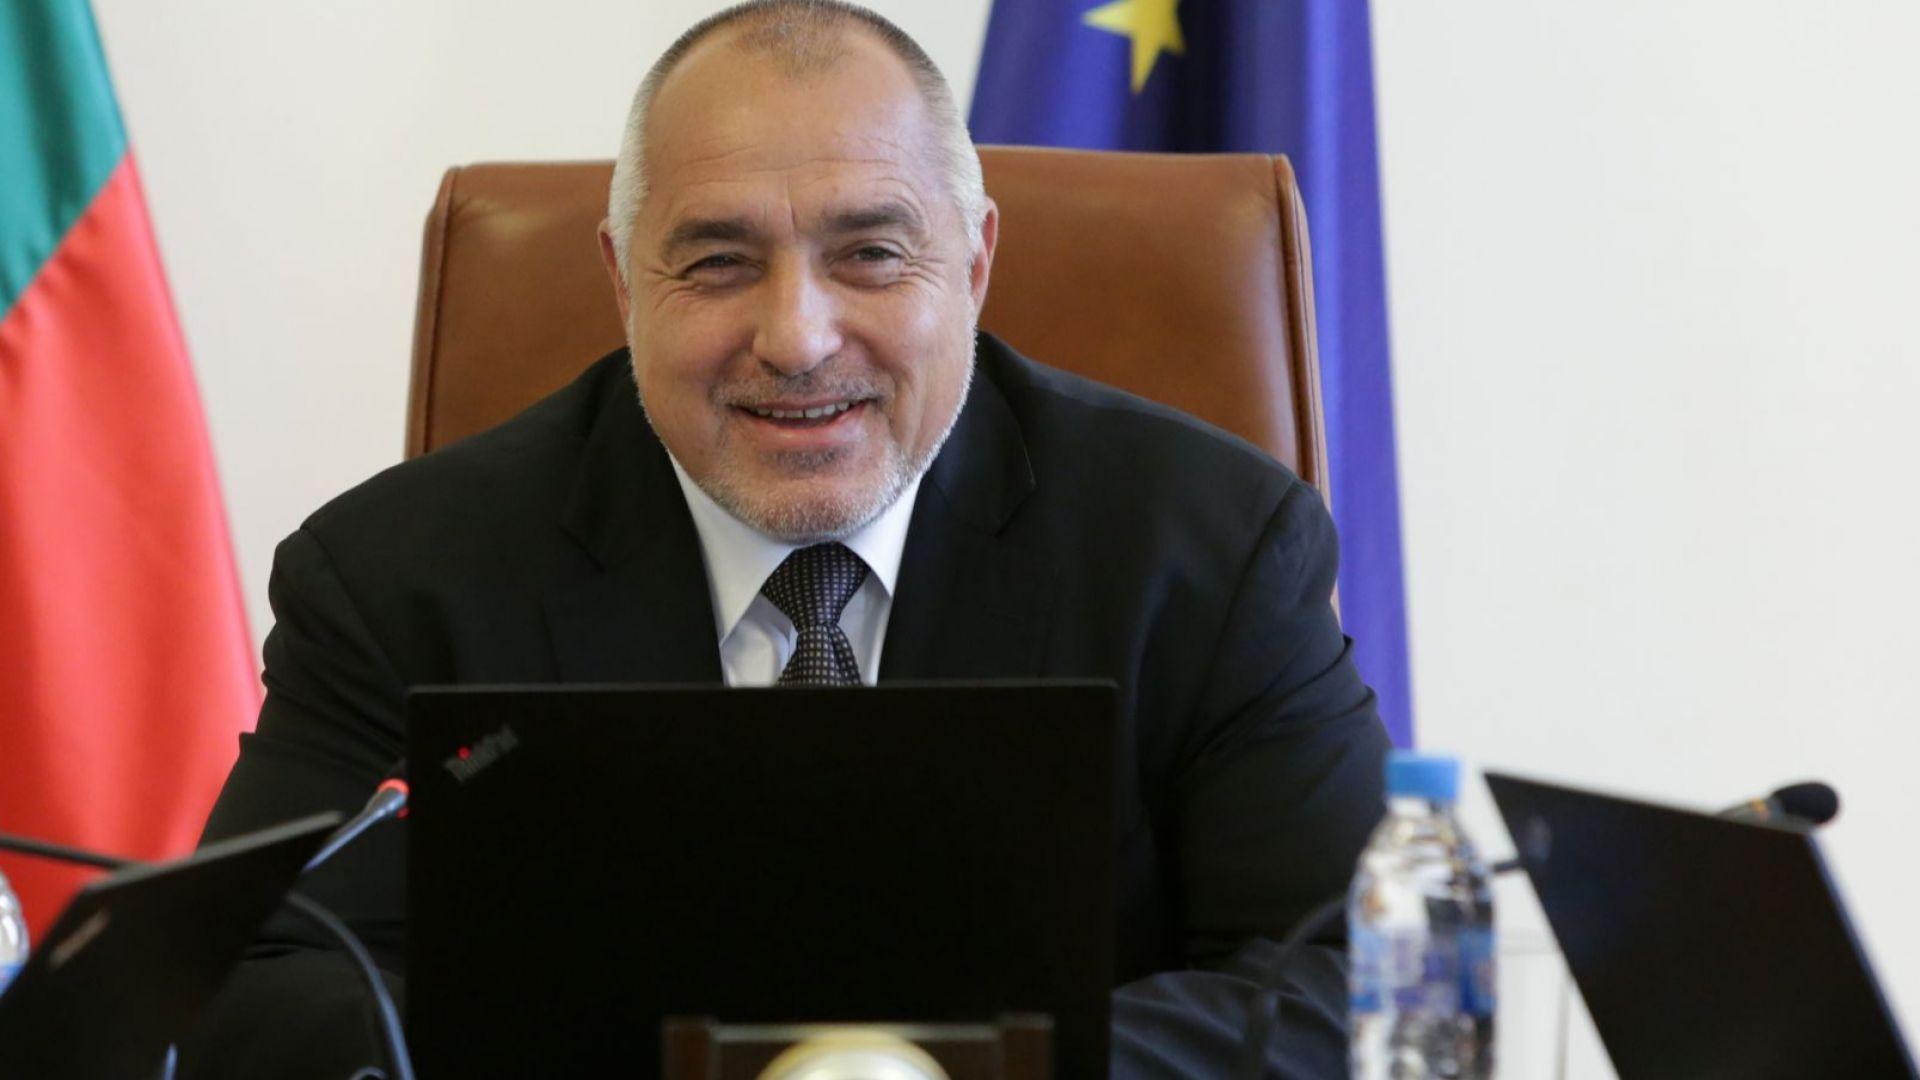 Борисов: Бюджет 2019 е най-амбициозният от началото на Прехода